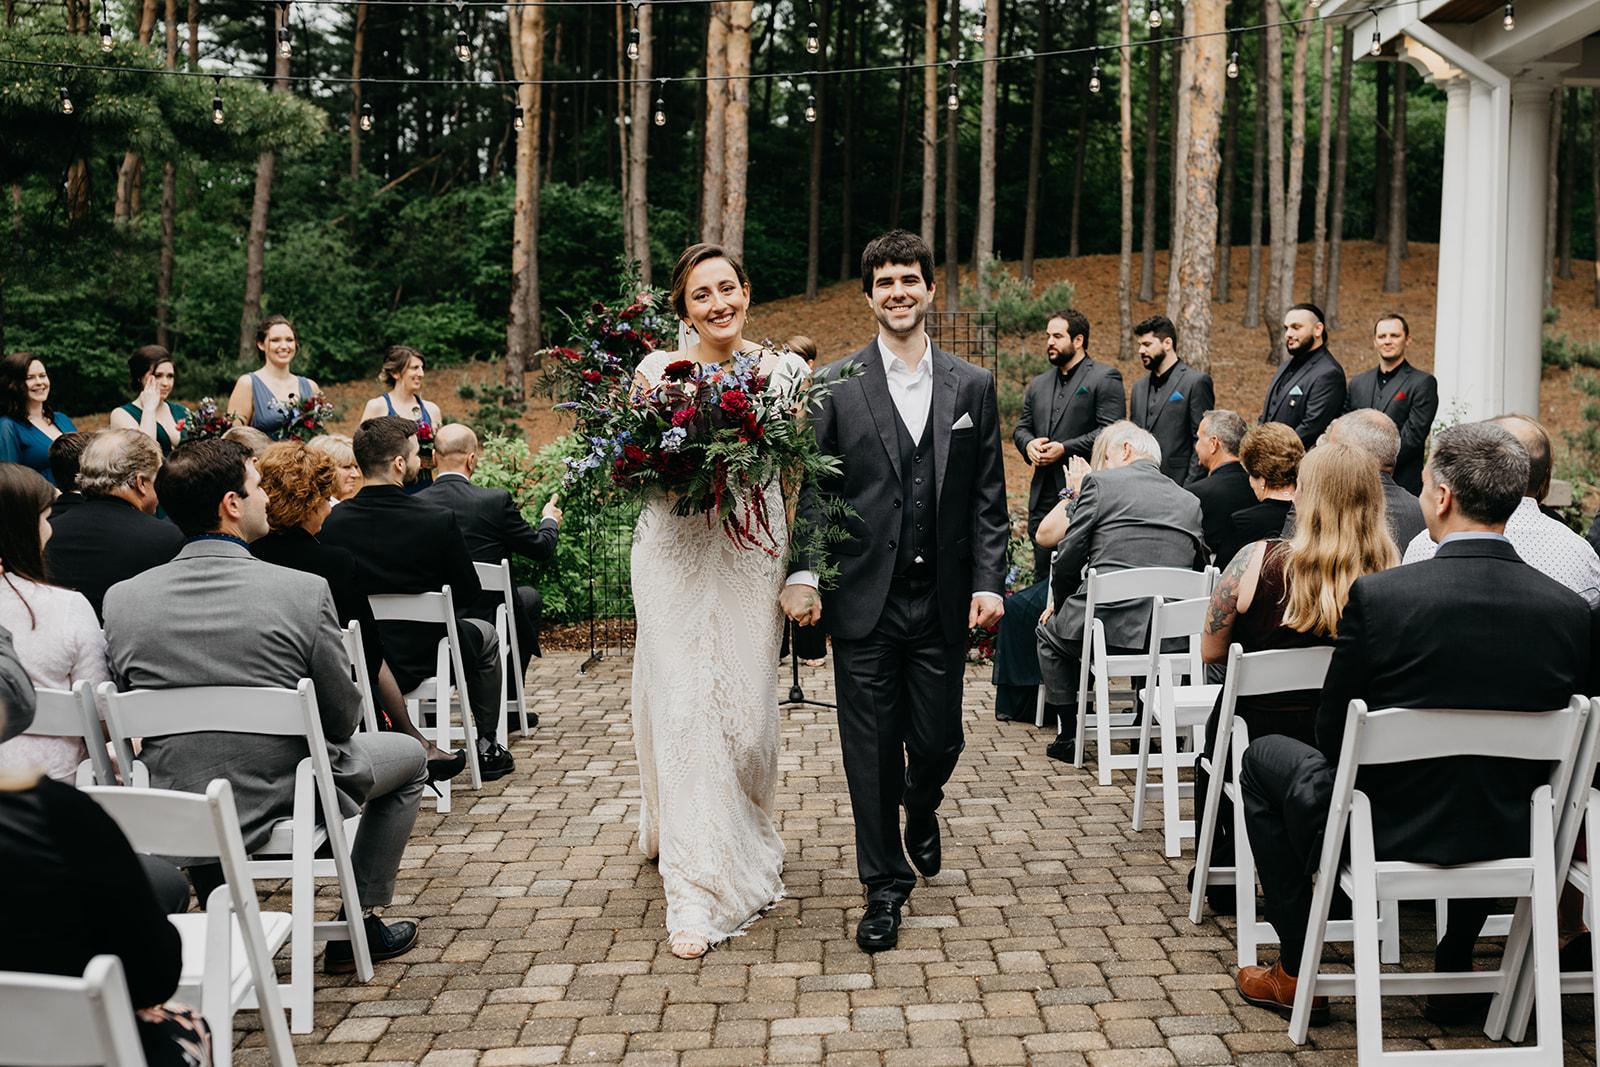 2019-06-01-00-Lindsey+Mat-06_Ceremony-meandhimphoto-0077-K5D44699.jpg